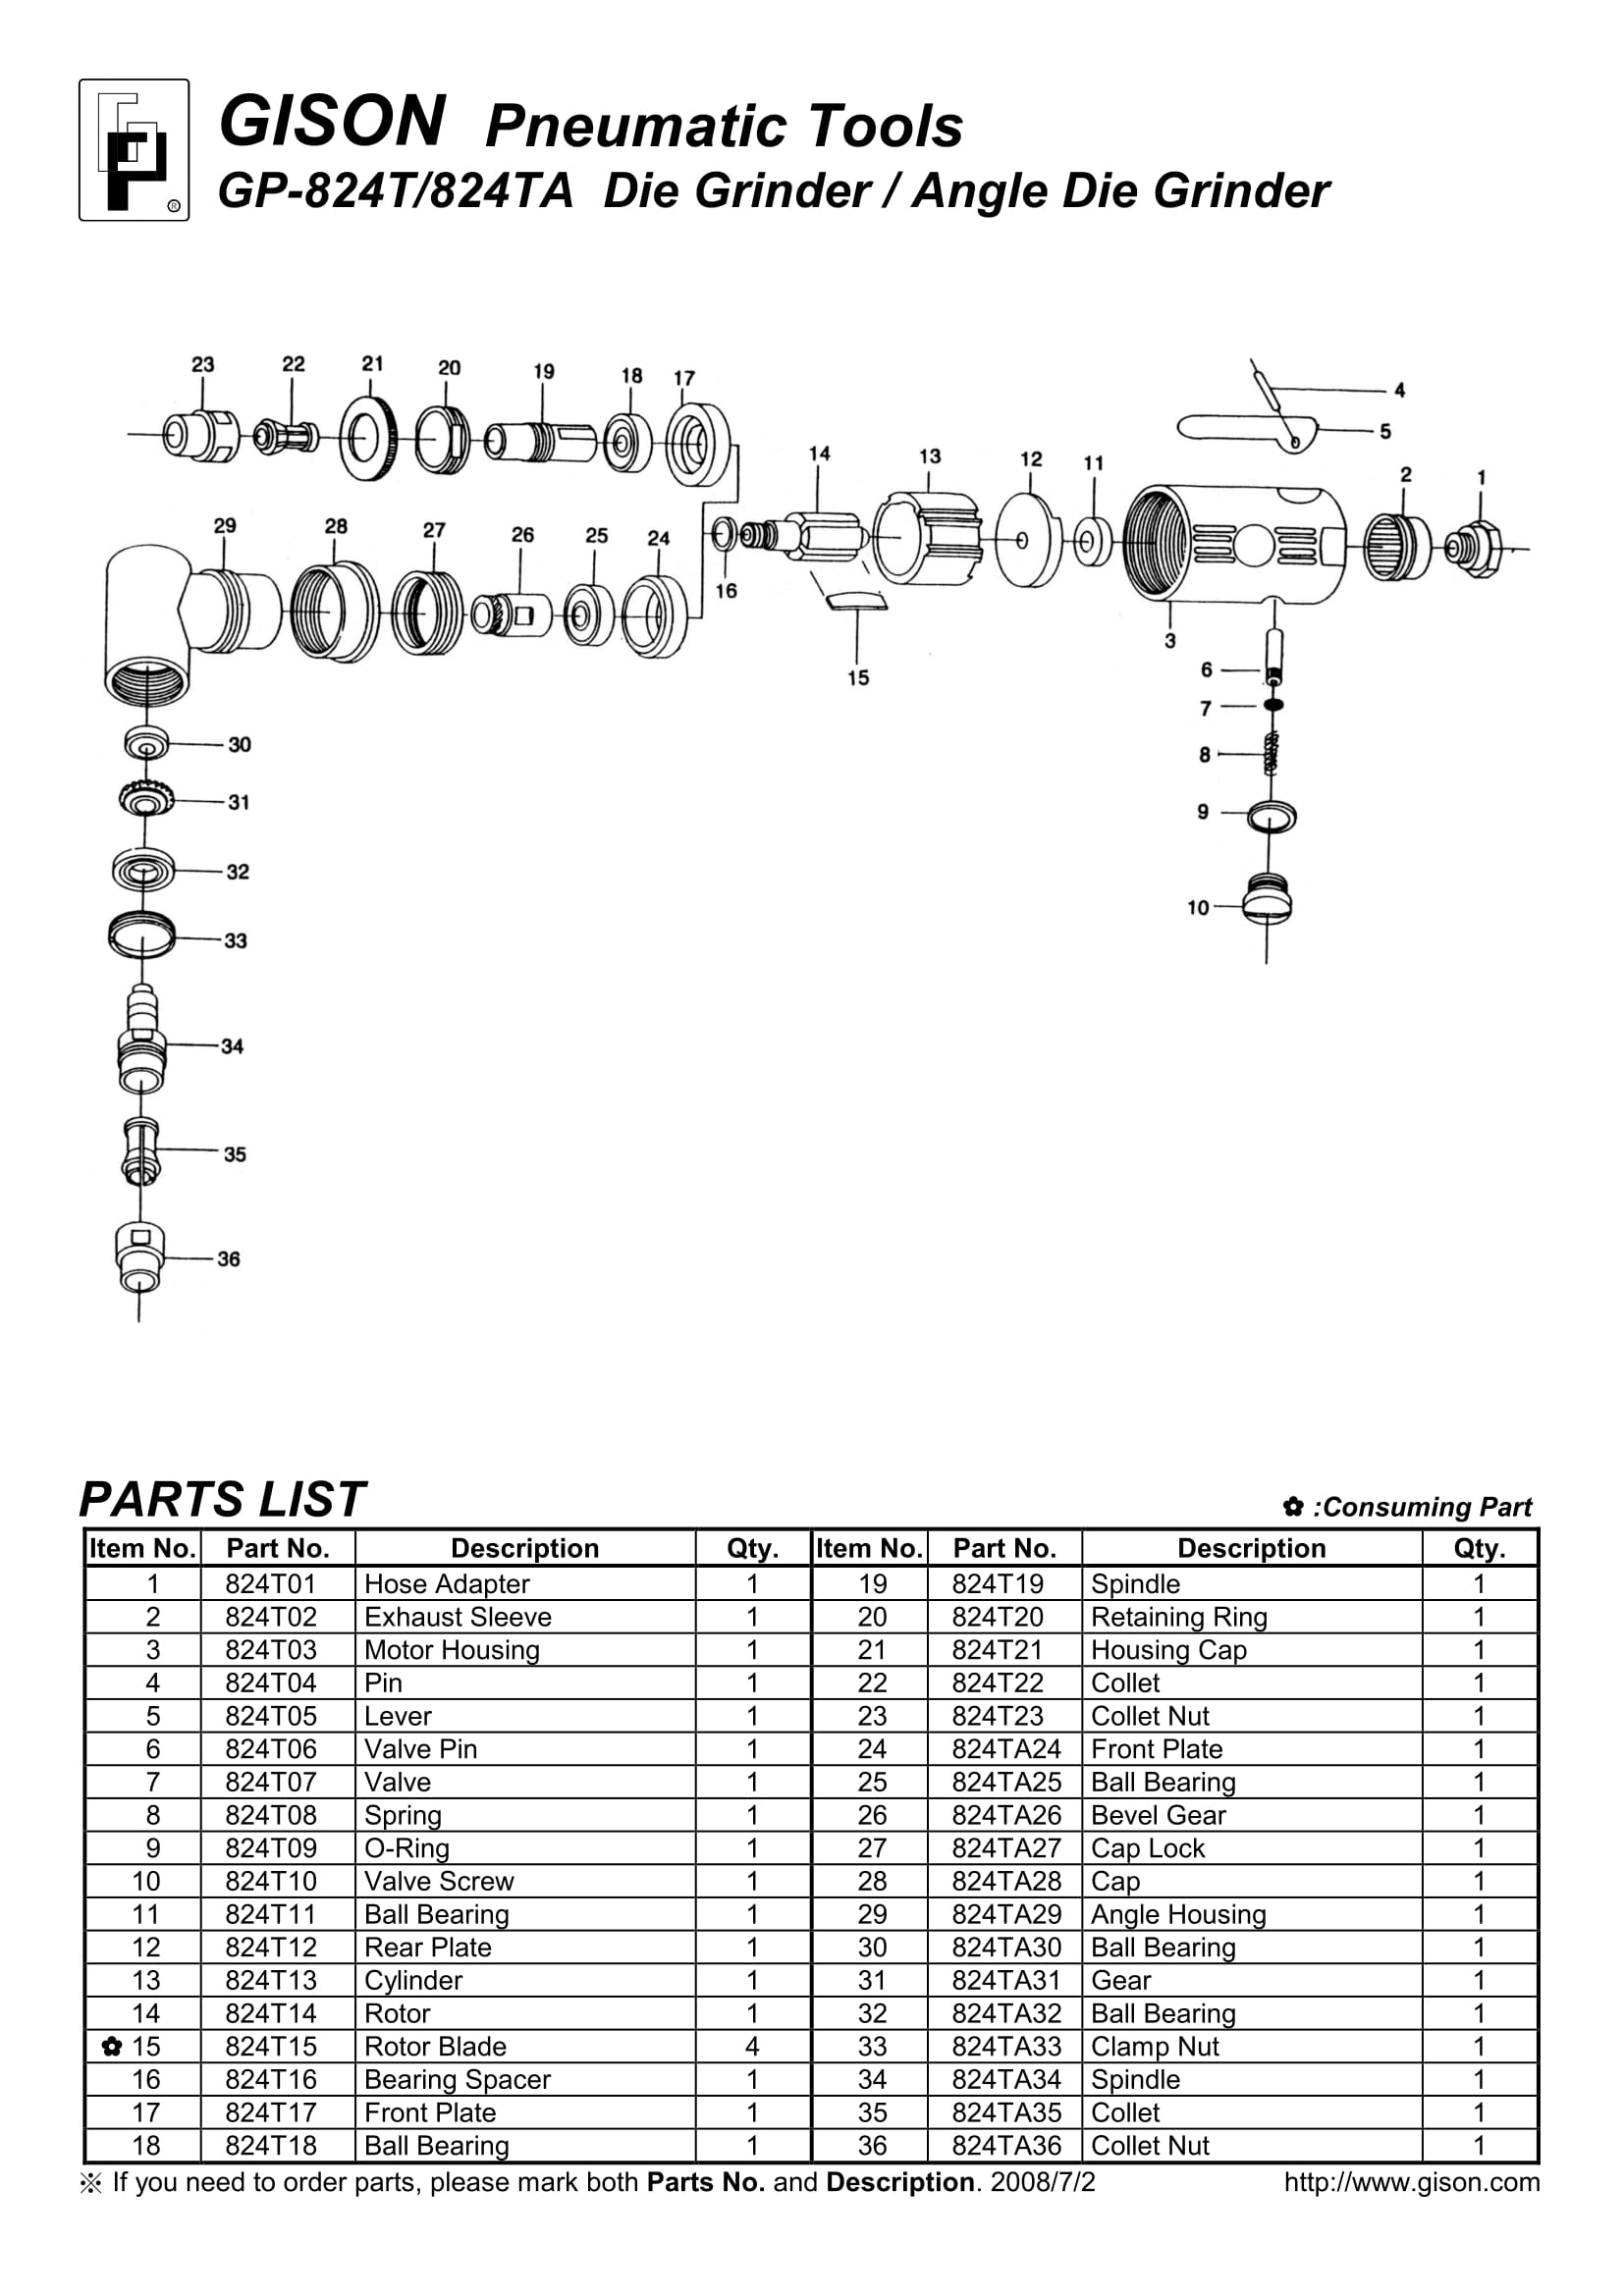 نقشه انفجاری فرز انگشتی بادی GP-824T